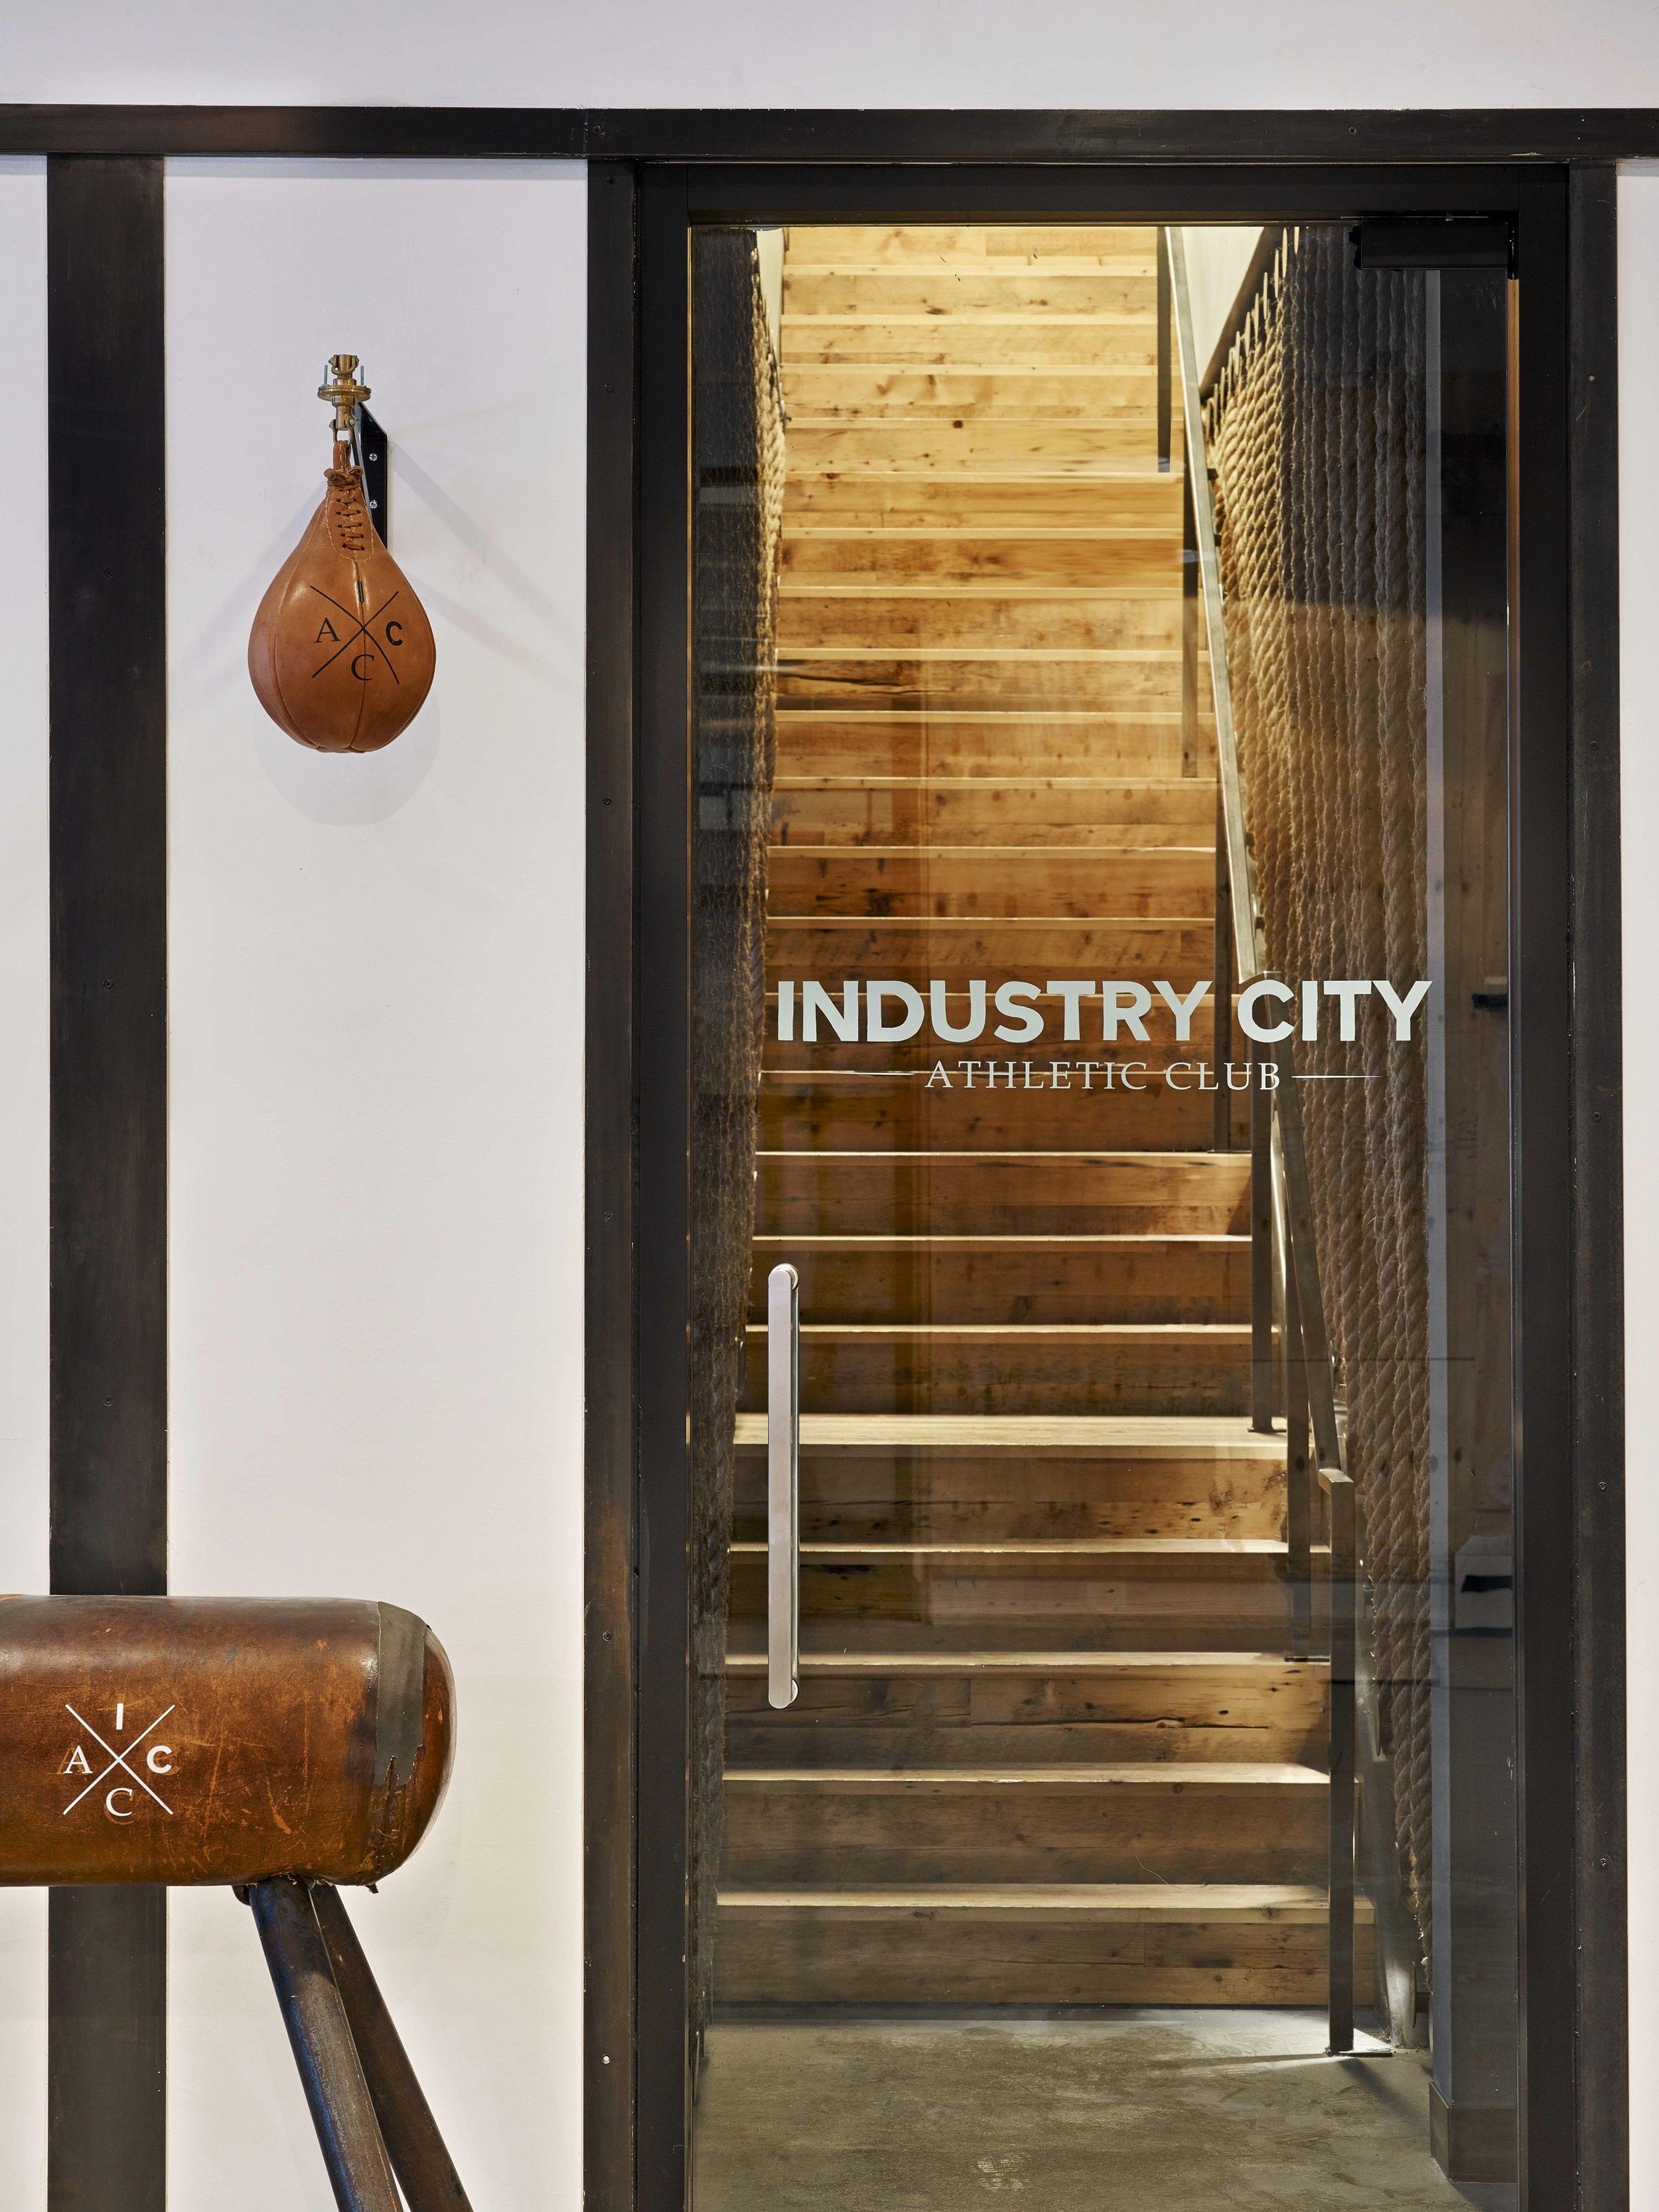 Industry City Athletic Club Entry Door